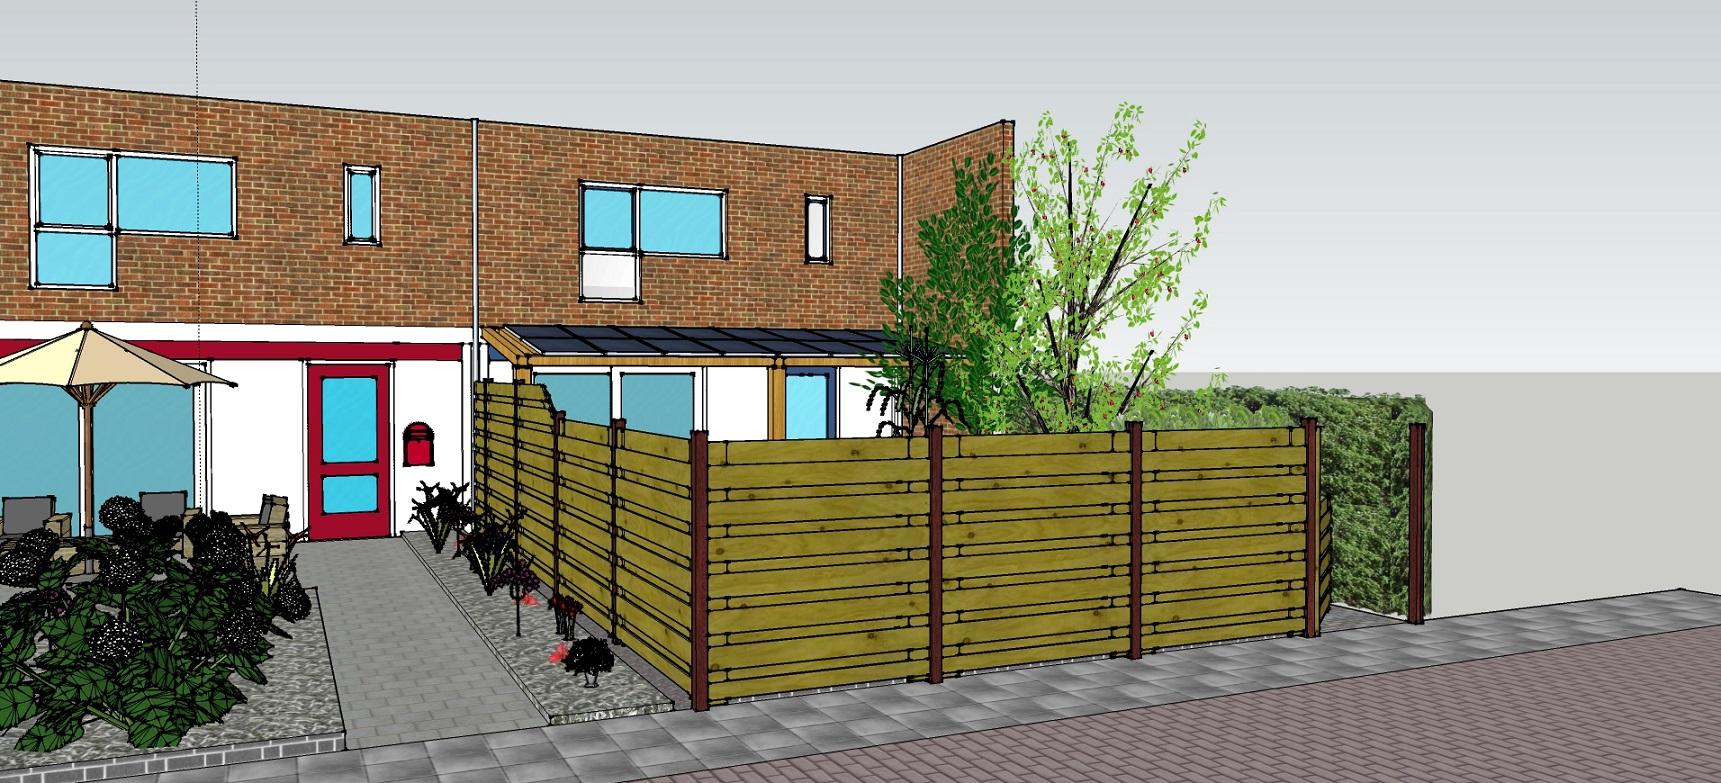 Voorkeur Nog een idee: veranda ( met zonnepanelen ) | Familie Kleinman BLOG &MP74